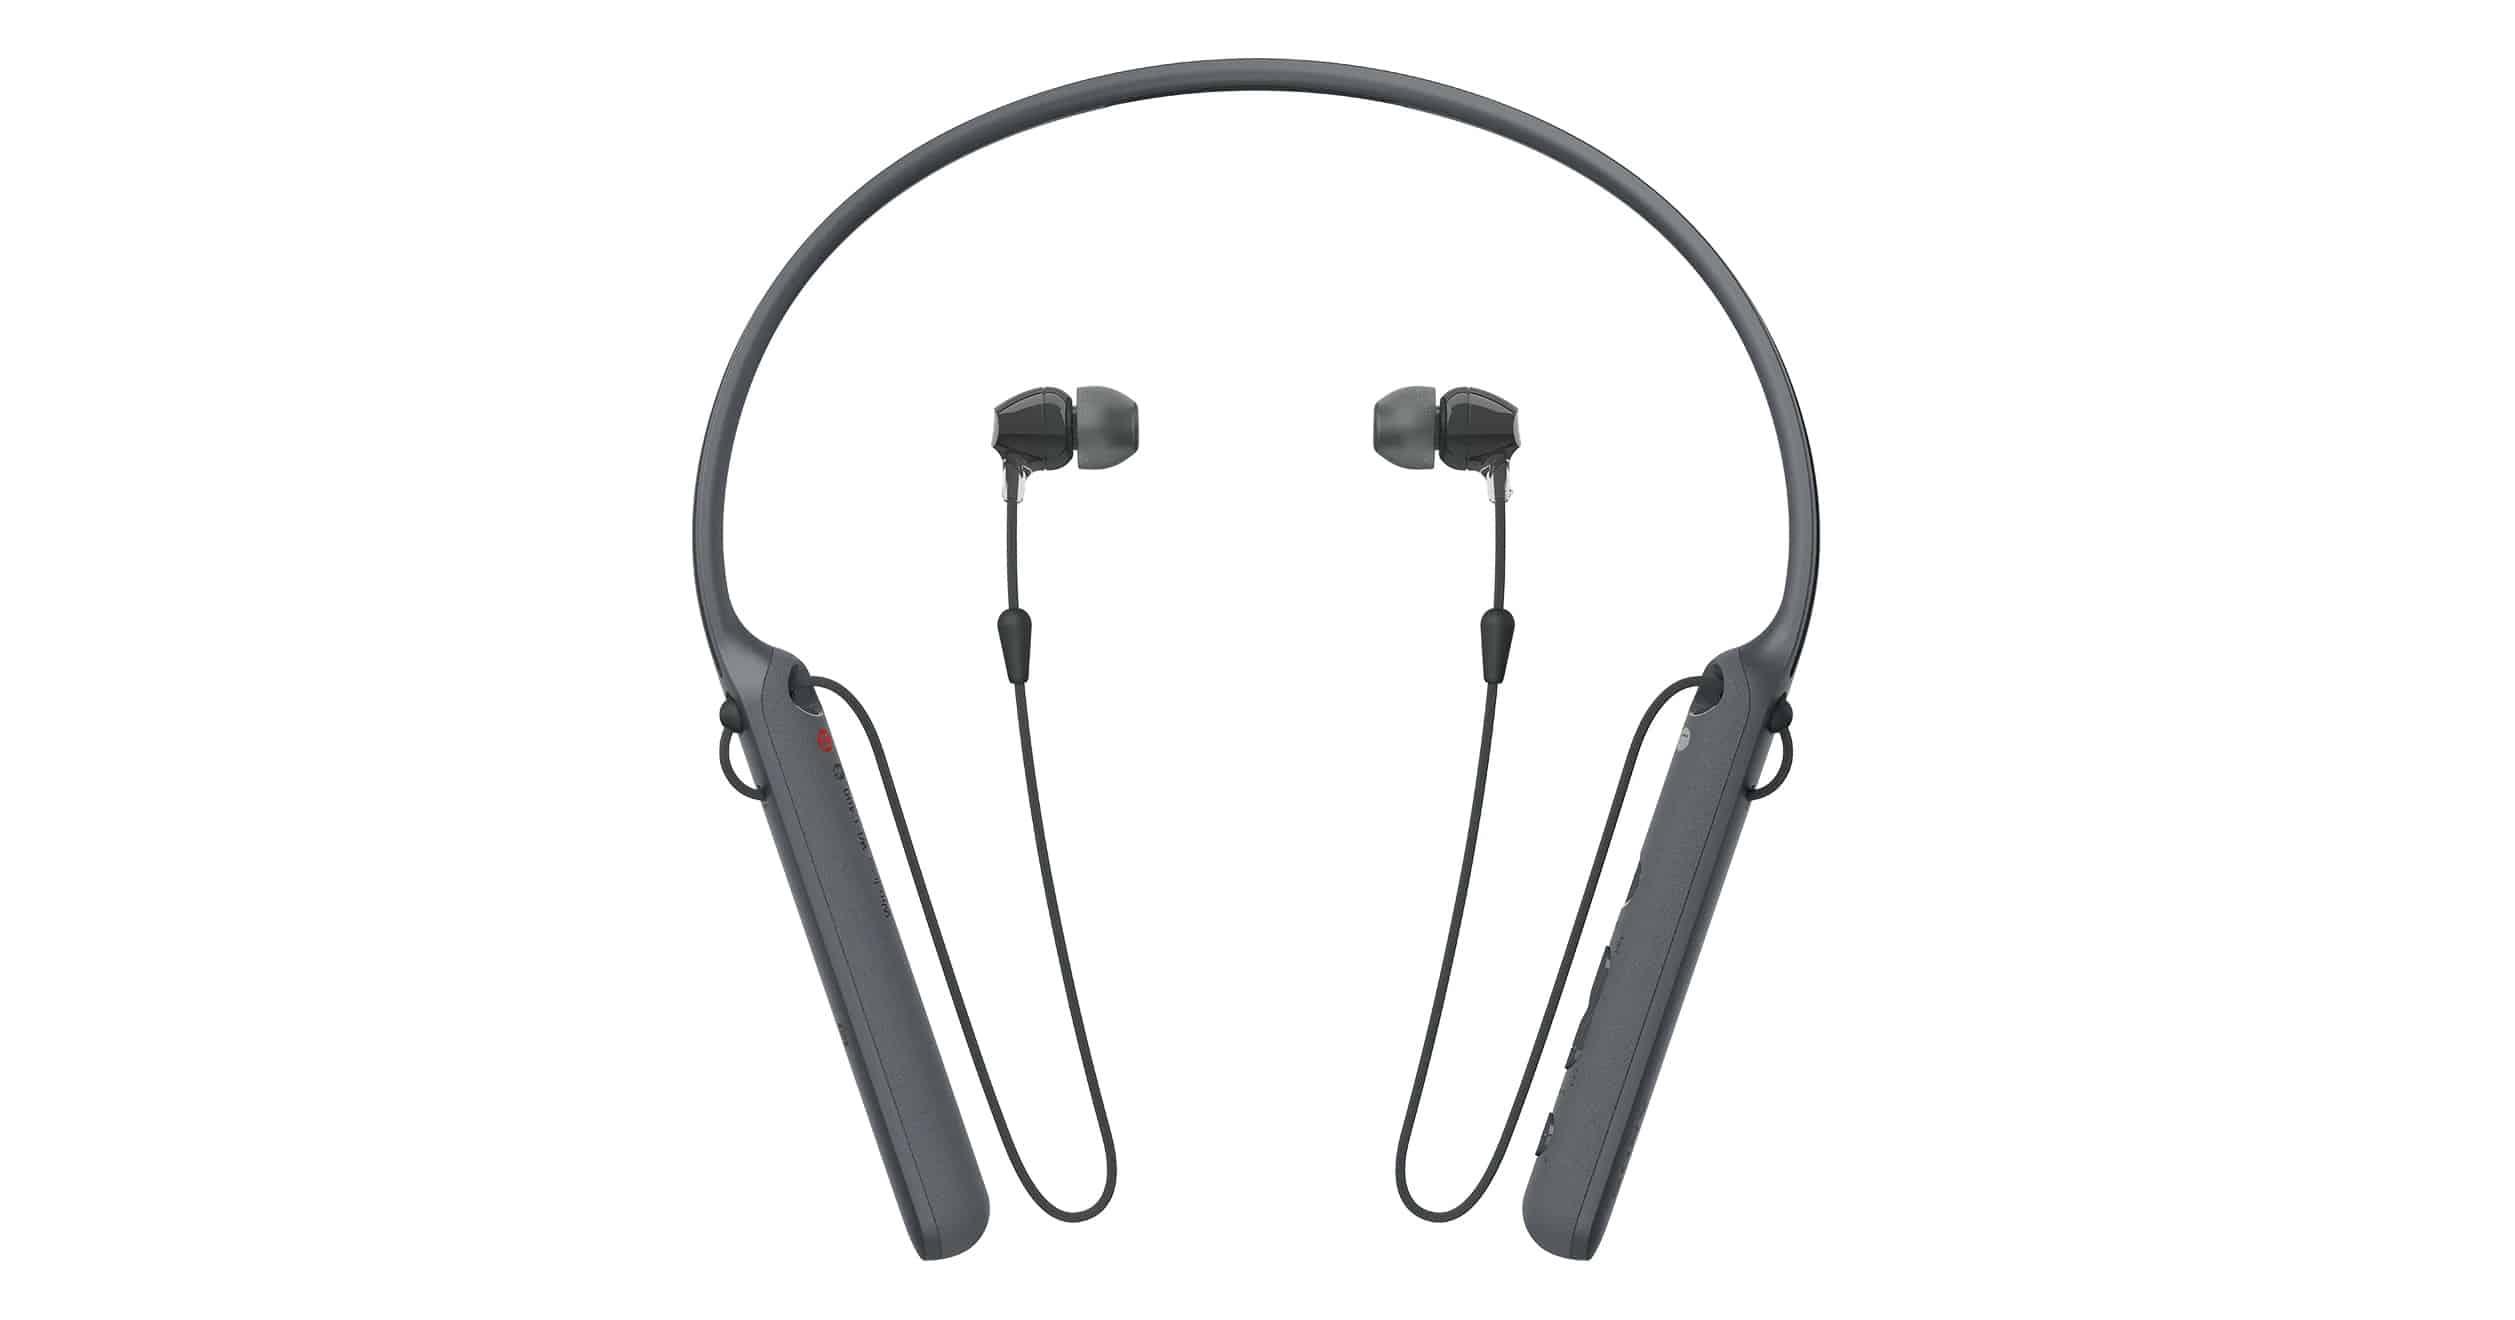 Sony-Wireless-In-Ear-Headphone-WI-C400